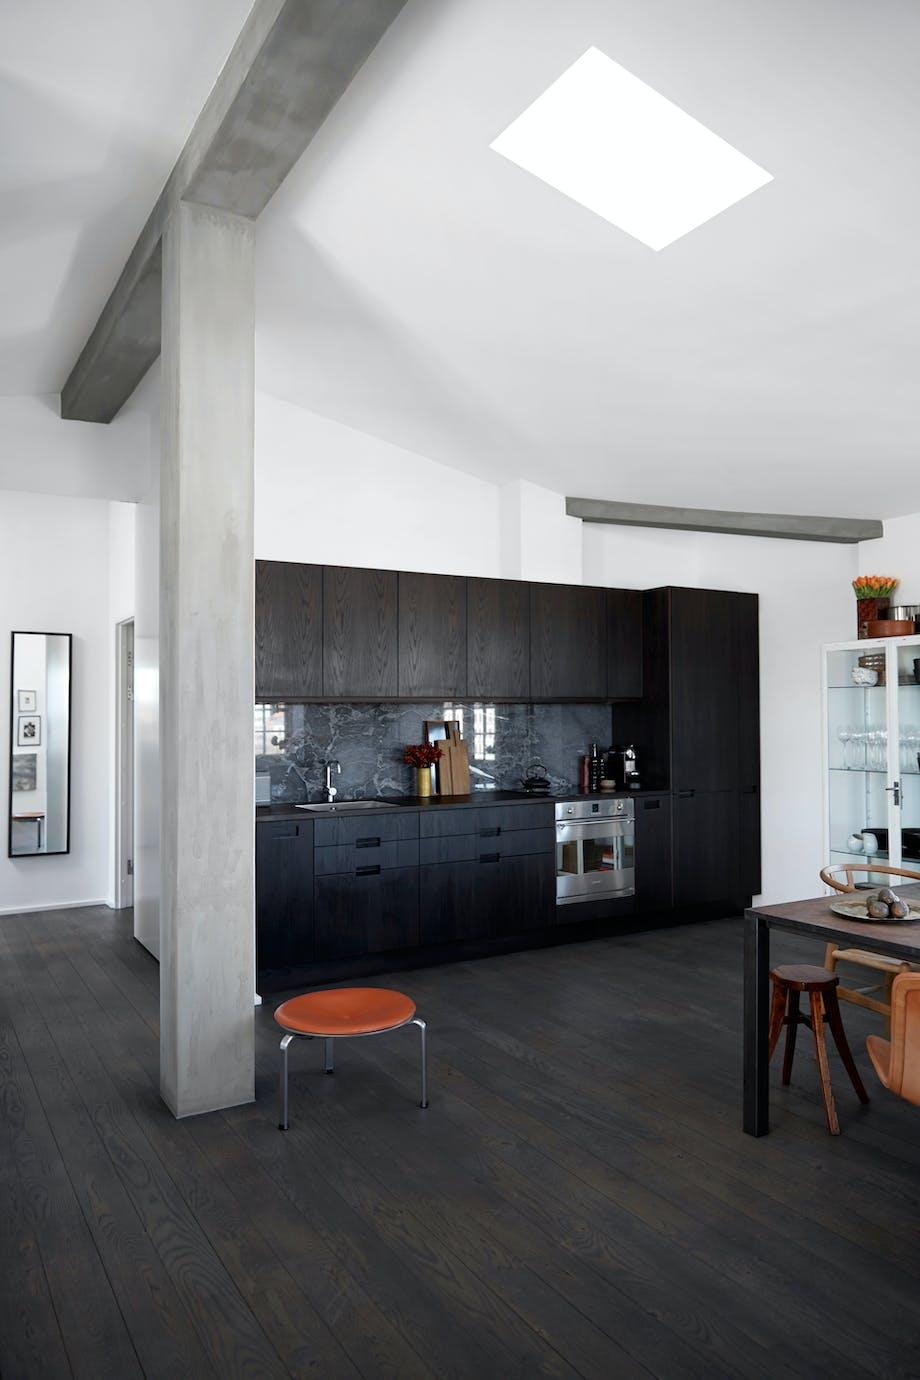 Køkkenet som møbel